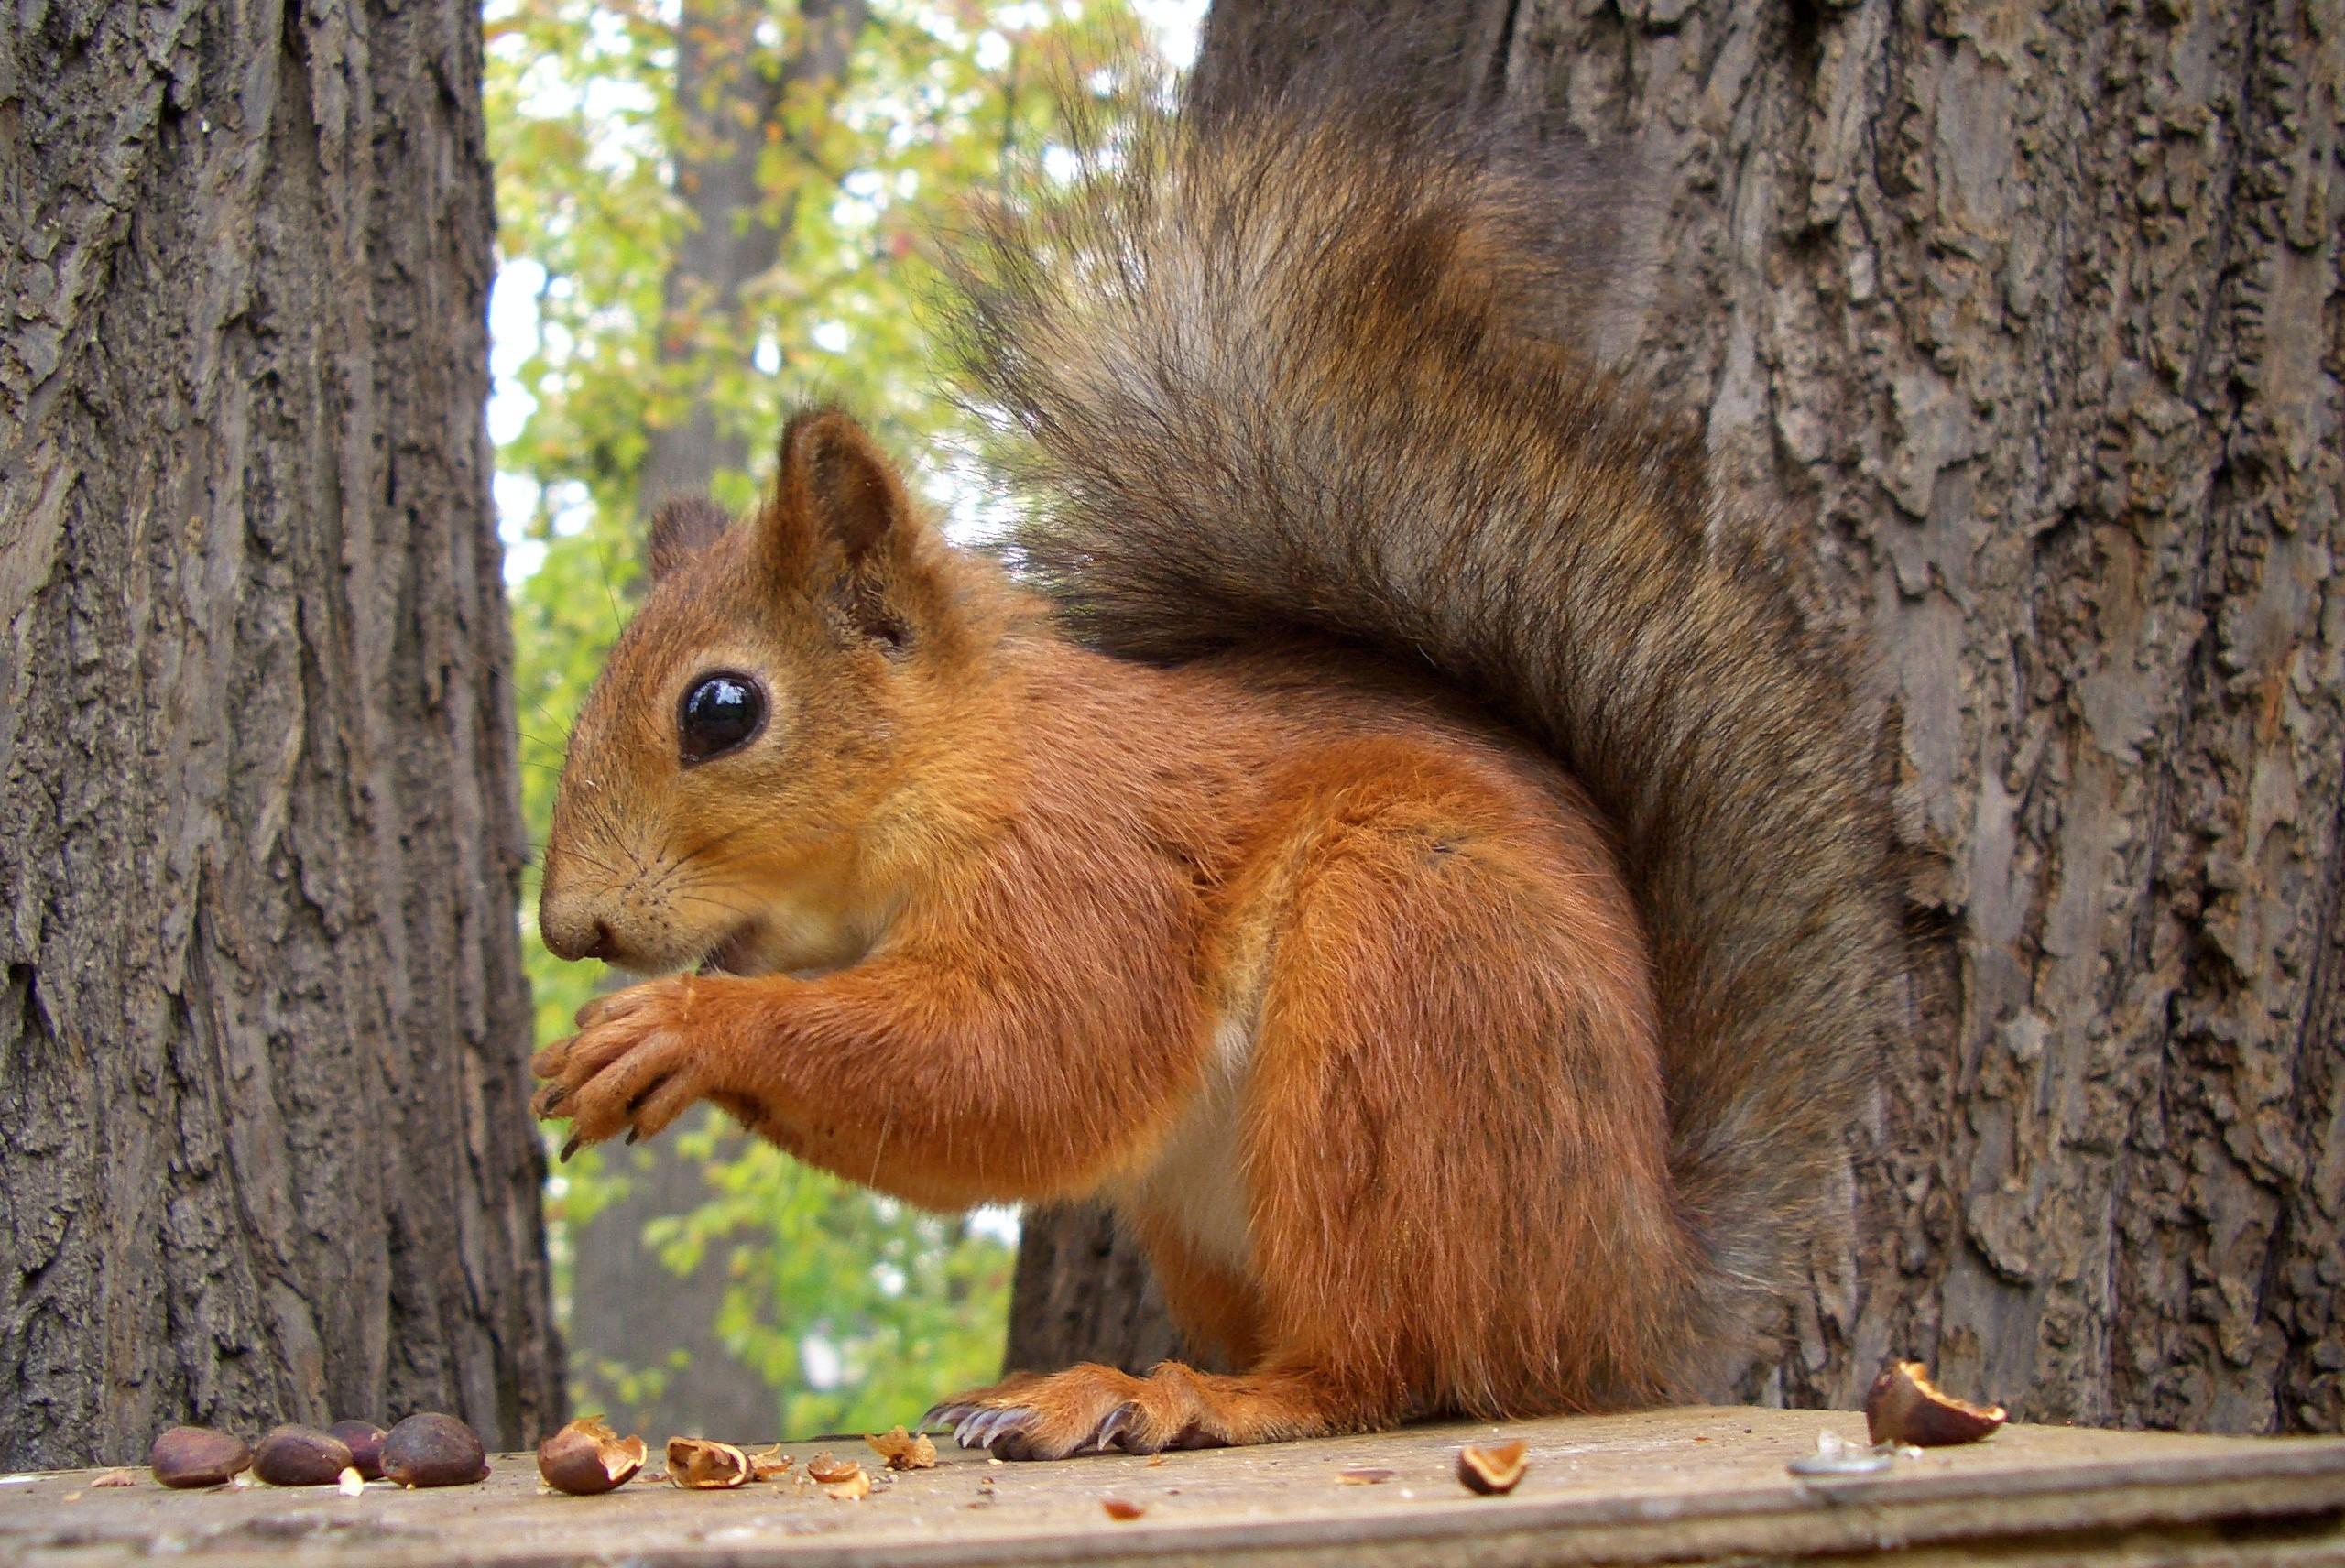 Белка песенки поет и орешки все грызет. Блиц: дикая фауна